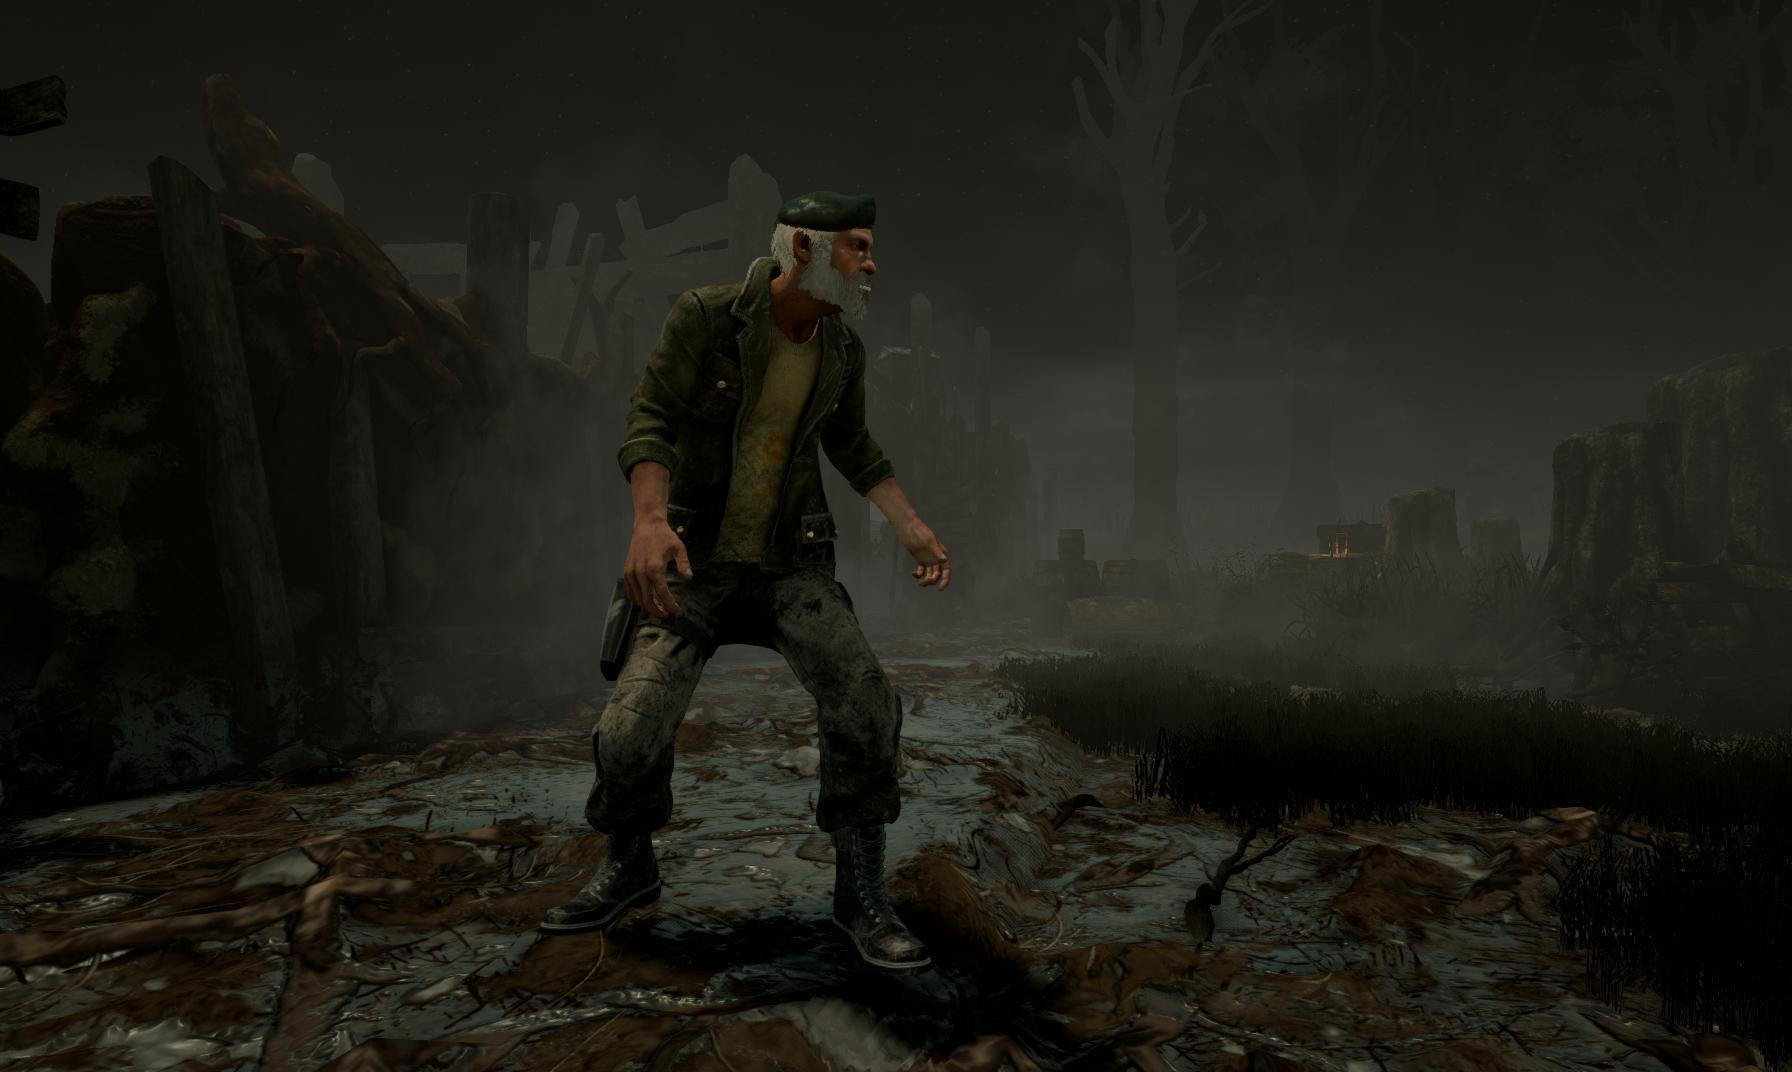 Dead By Daylight Obohatil Bill Z Left 4 Dead Sector